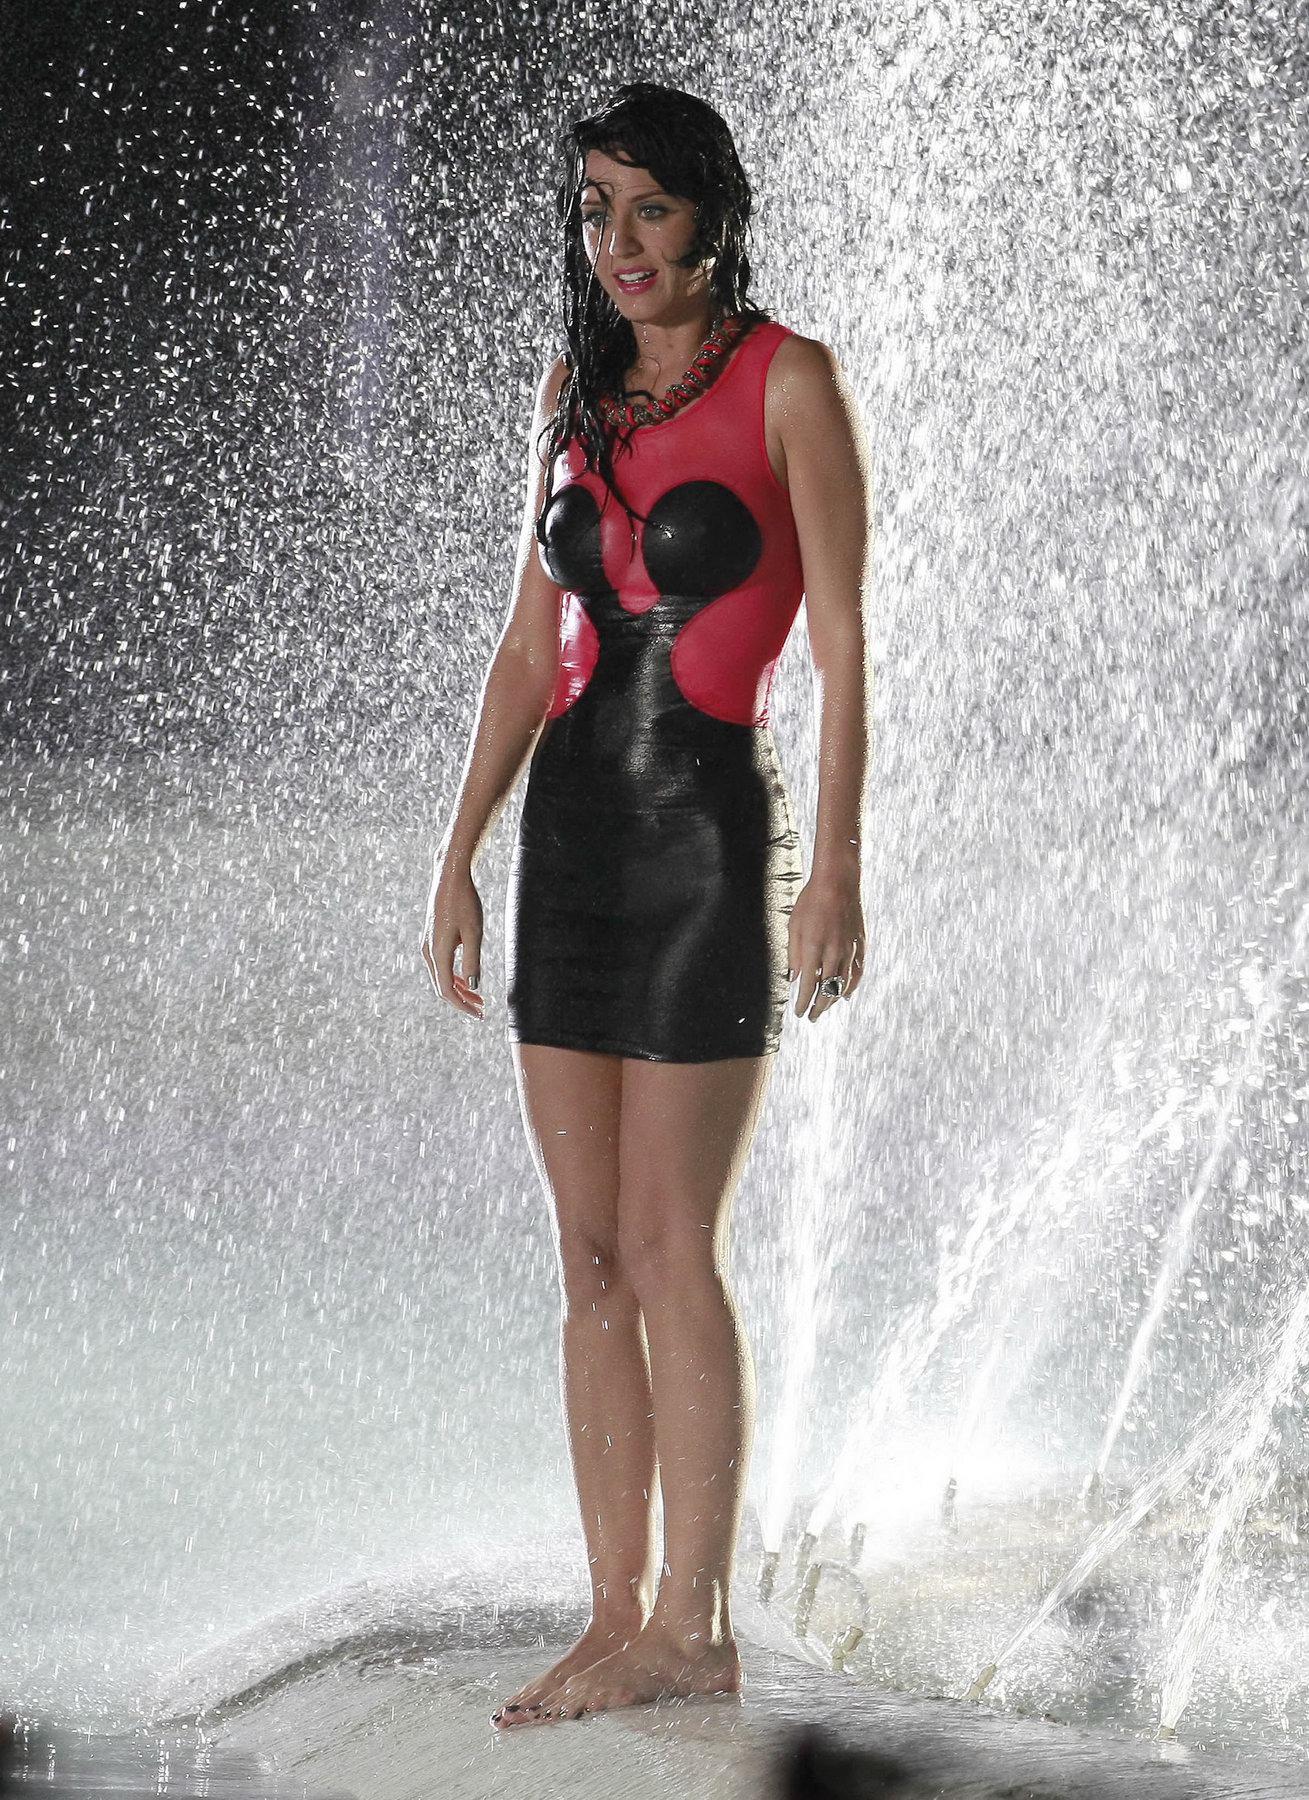 Фото брюнеток в одежде мокрой 12 фотография